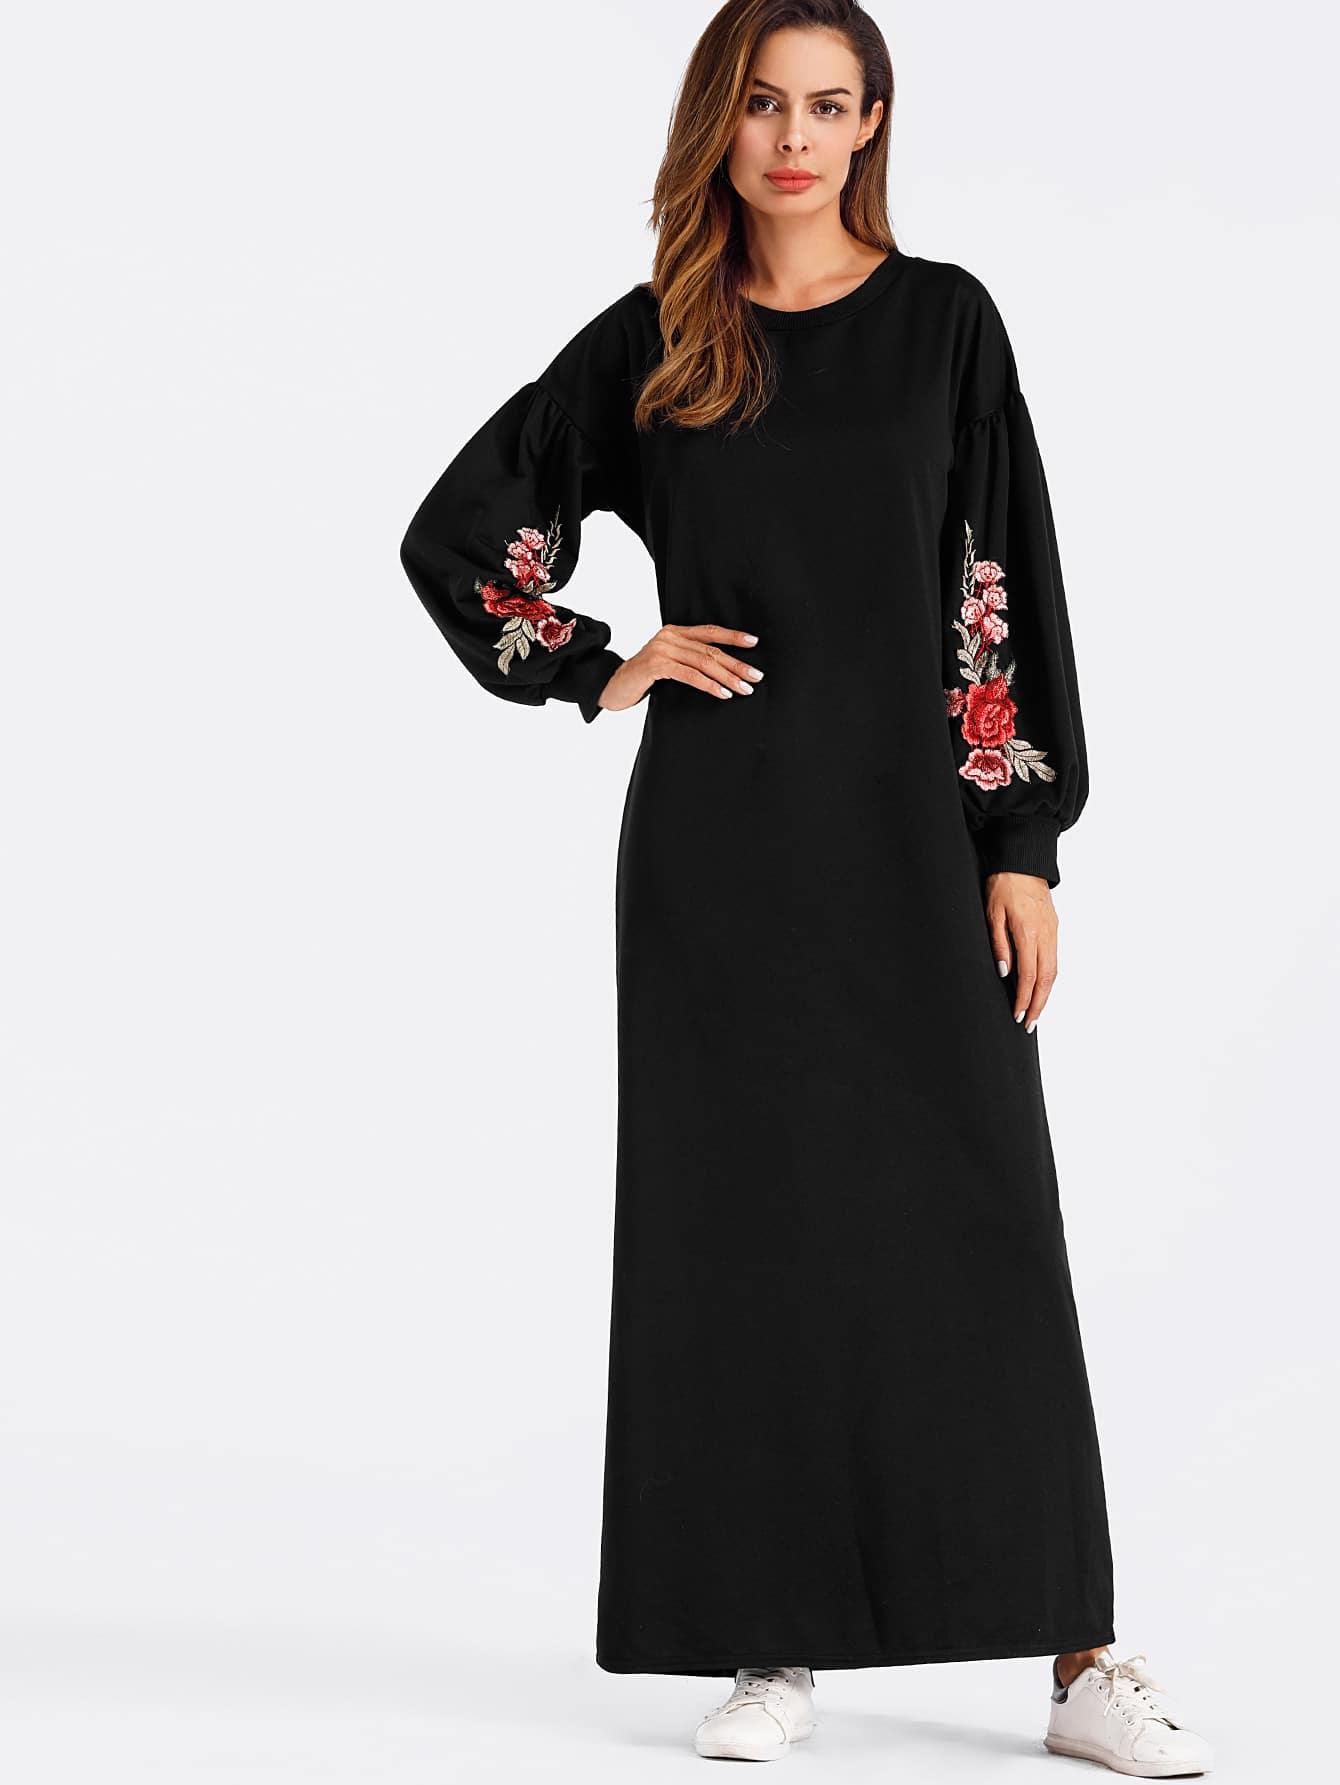 Lantern sleeve Rose Applique Full Length Dress full length tee dress